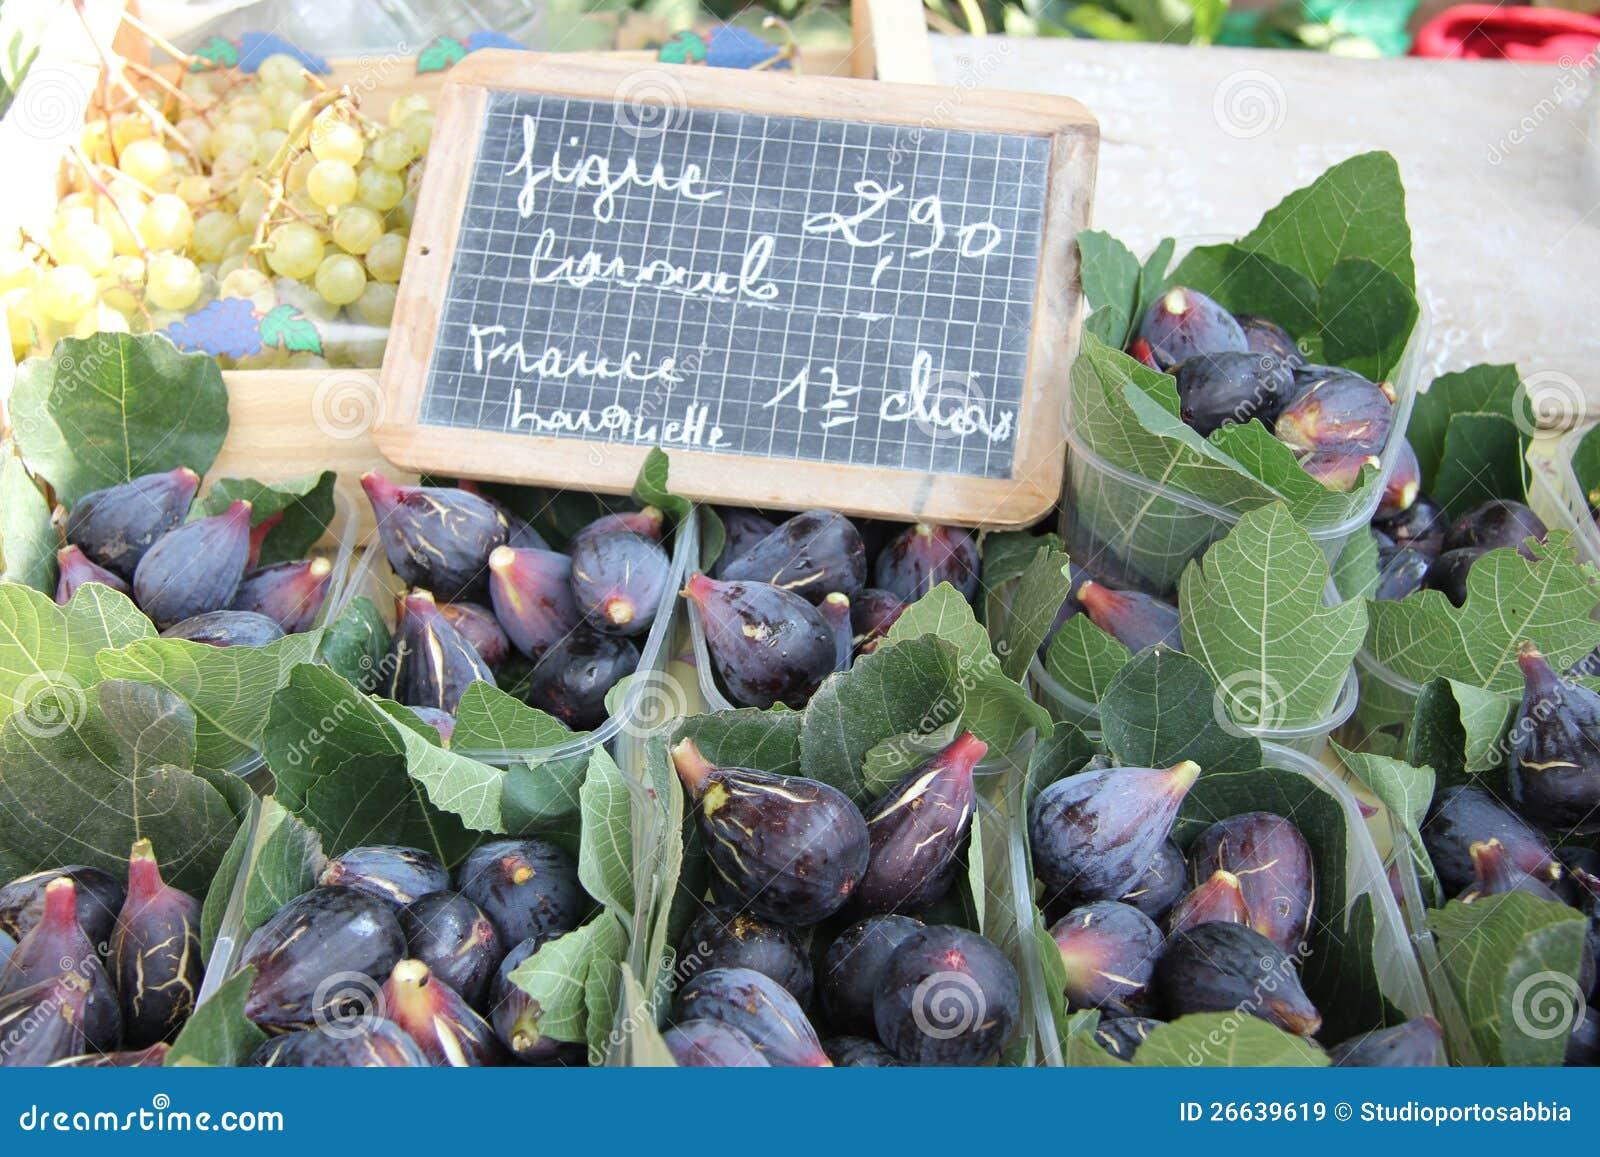 Смоквы на французском рынке